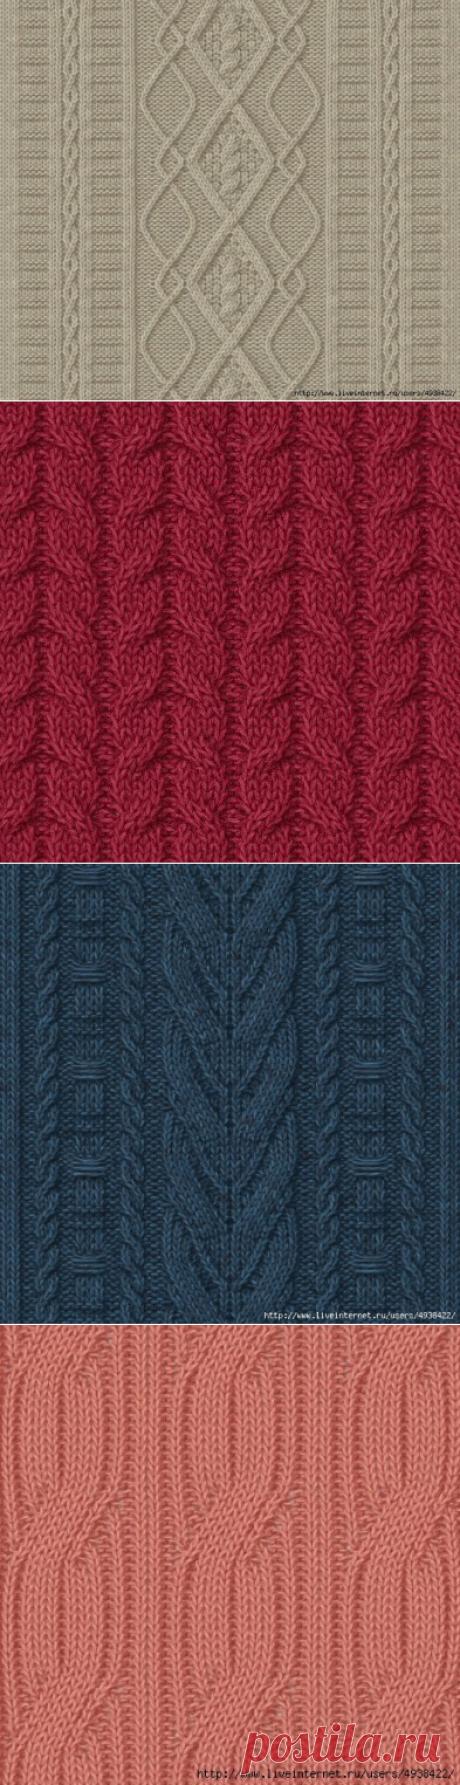 Узоры спицами (фото + схема) - 2.